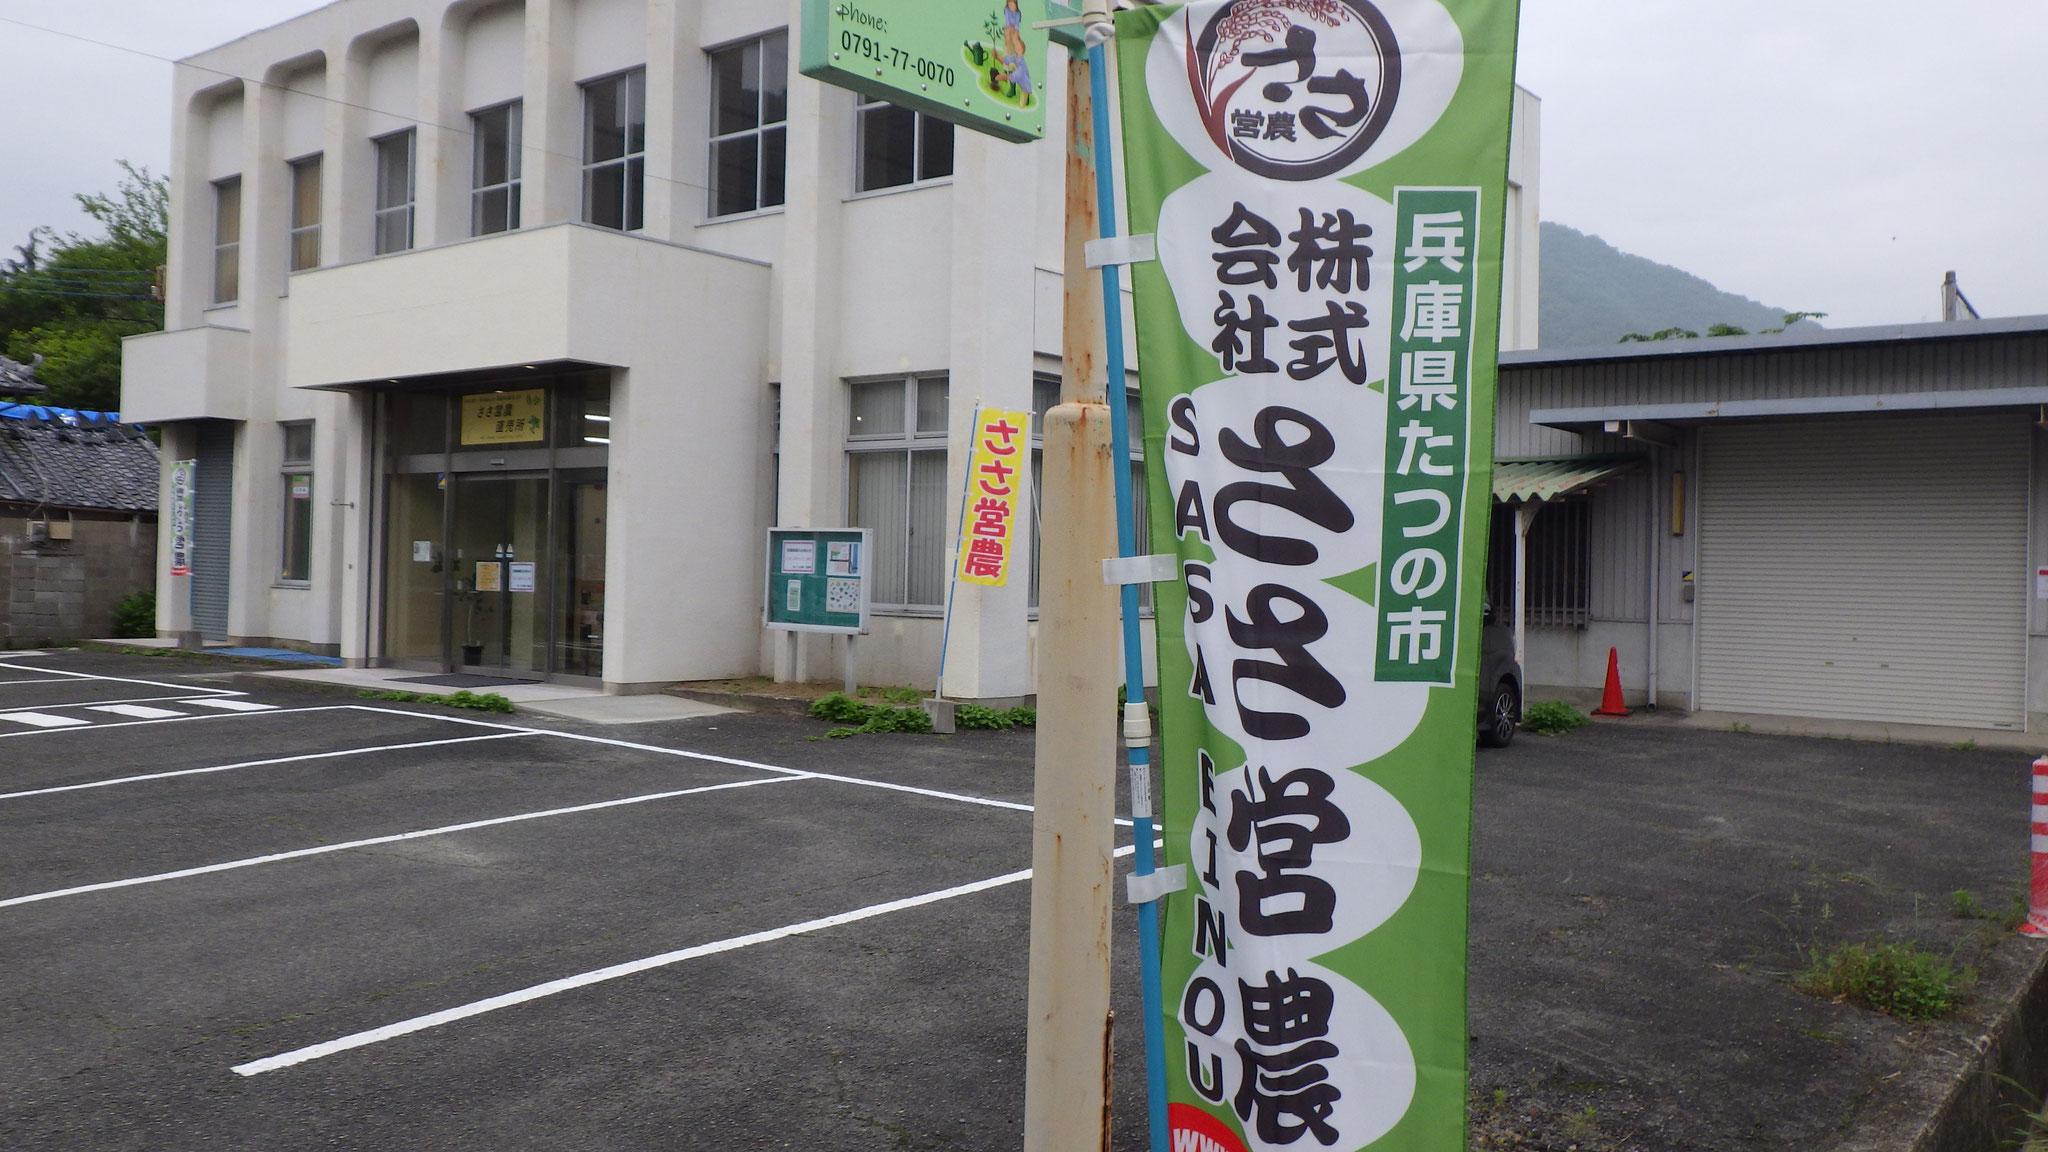 ささ営農 直売所(21.4リニューアル)